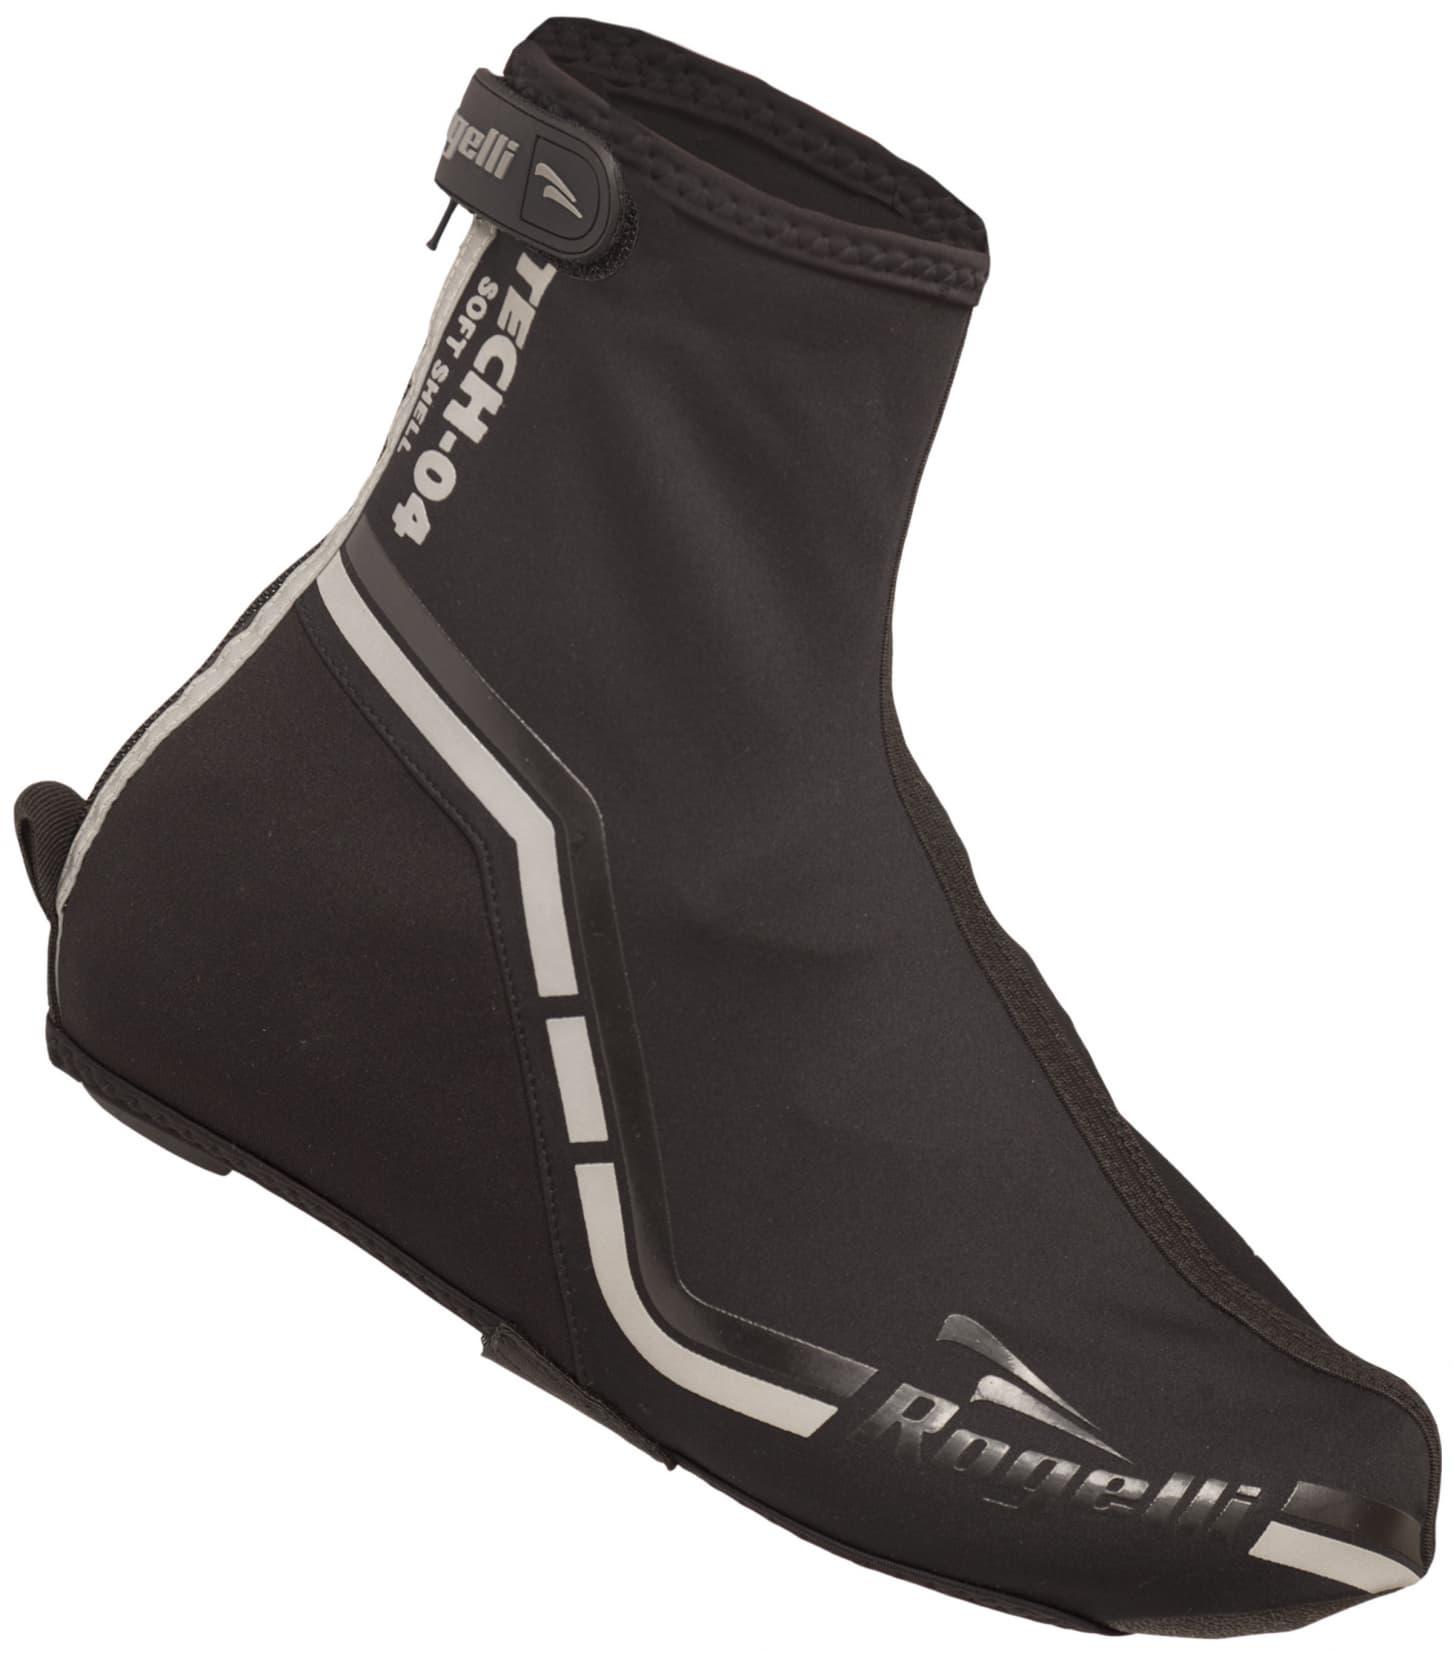 aec50662fa0d35 Przeciwdeszczowe ochraniacze rowerowe softshell na buty rowerowe Rogelli  TECH-04, czarne